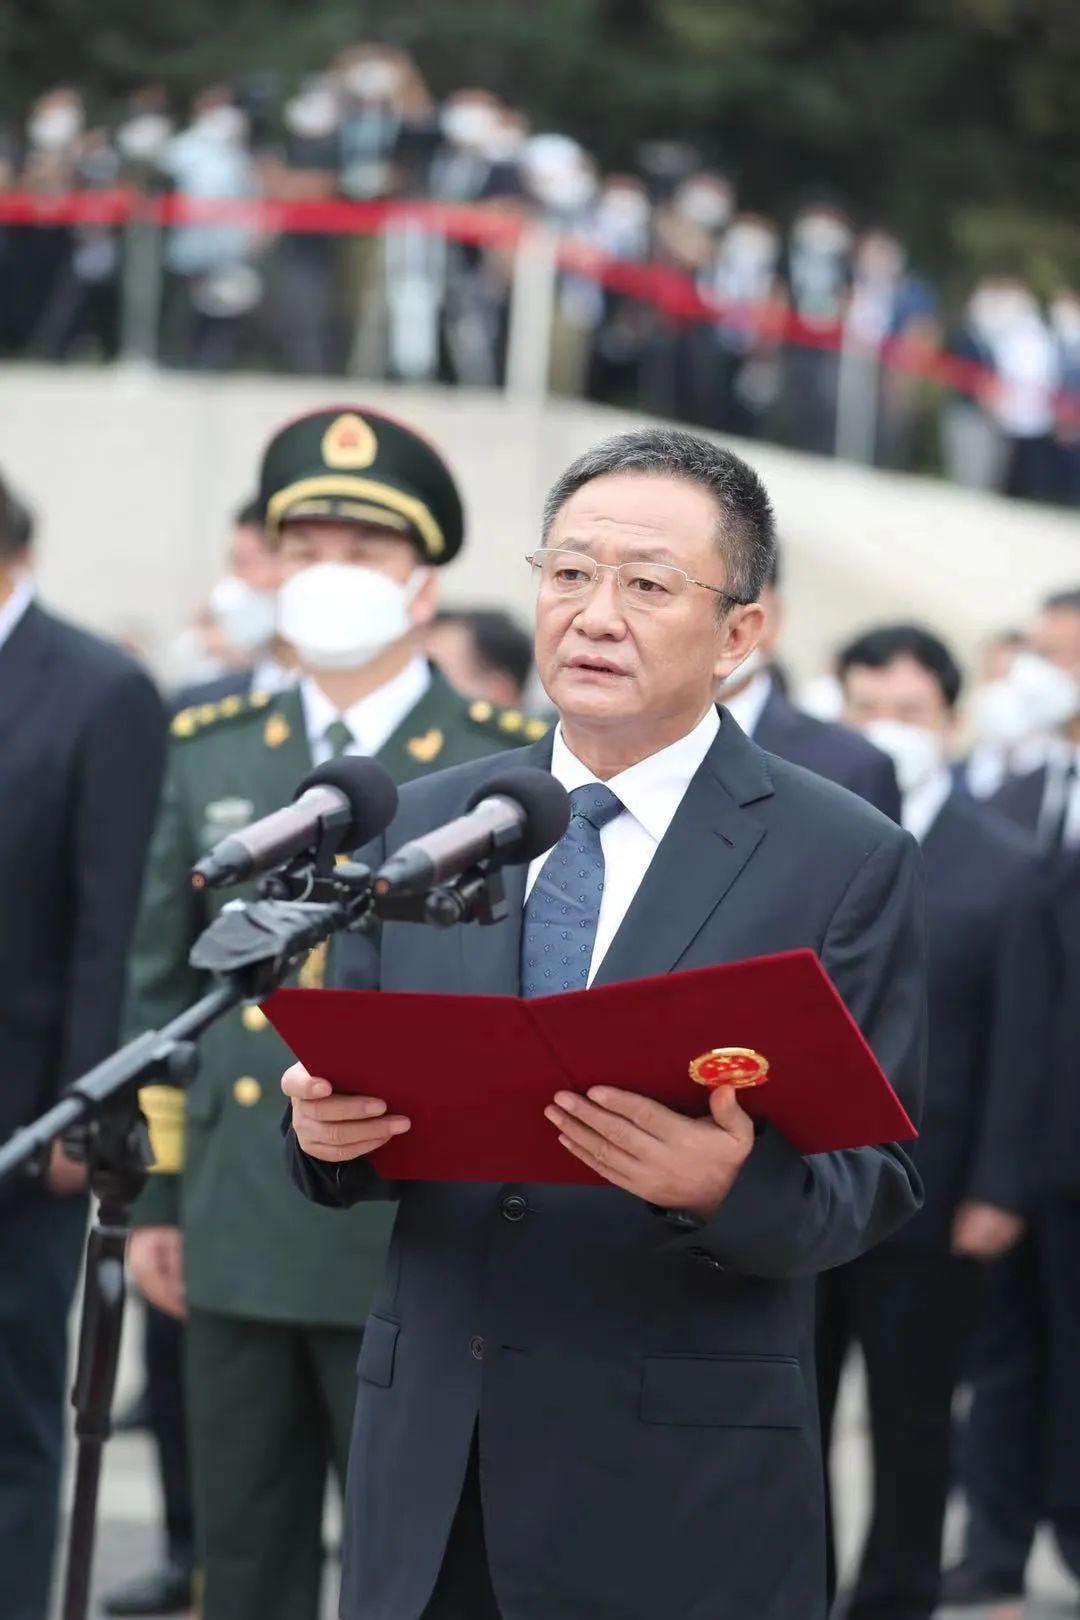 孙绍骋致第八批在韩志愿军烈士遗骸安葬祭文